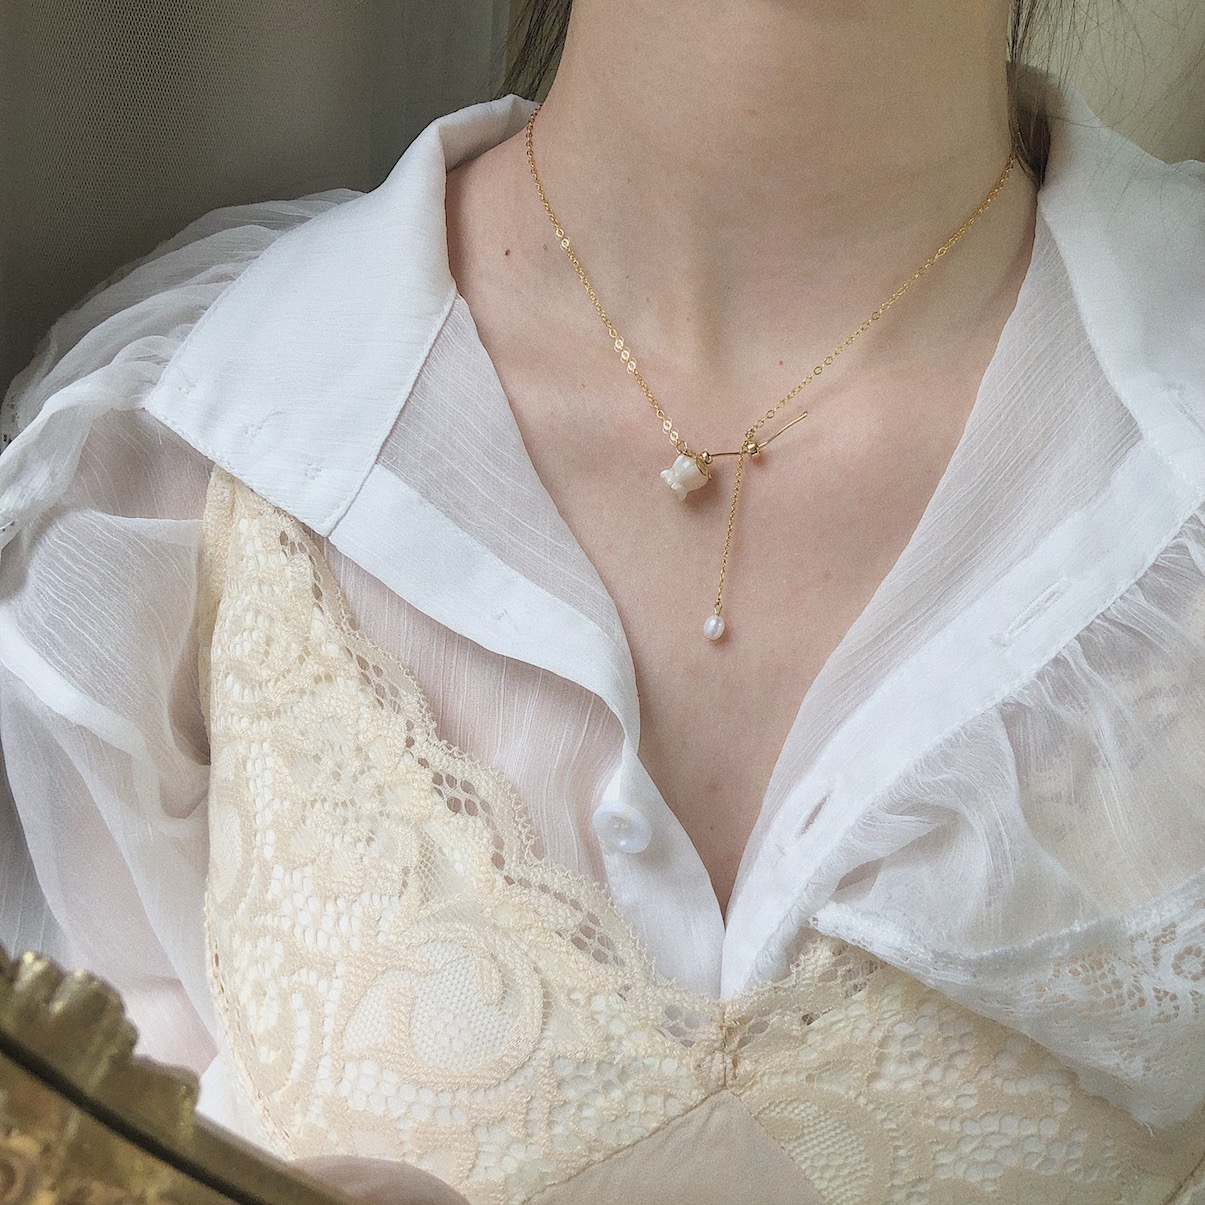 复古气质通体美国14K包金纯手工制作高级感月光玫瑰天然珍珠项链